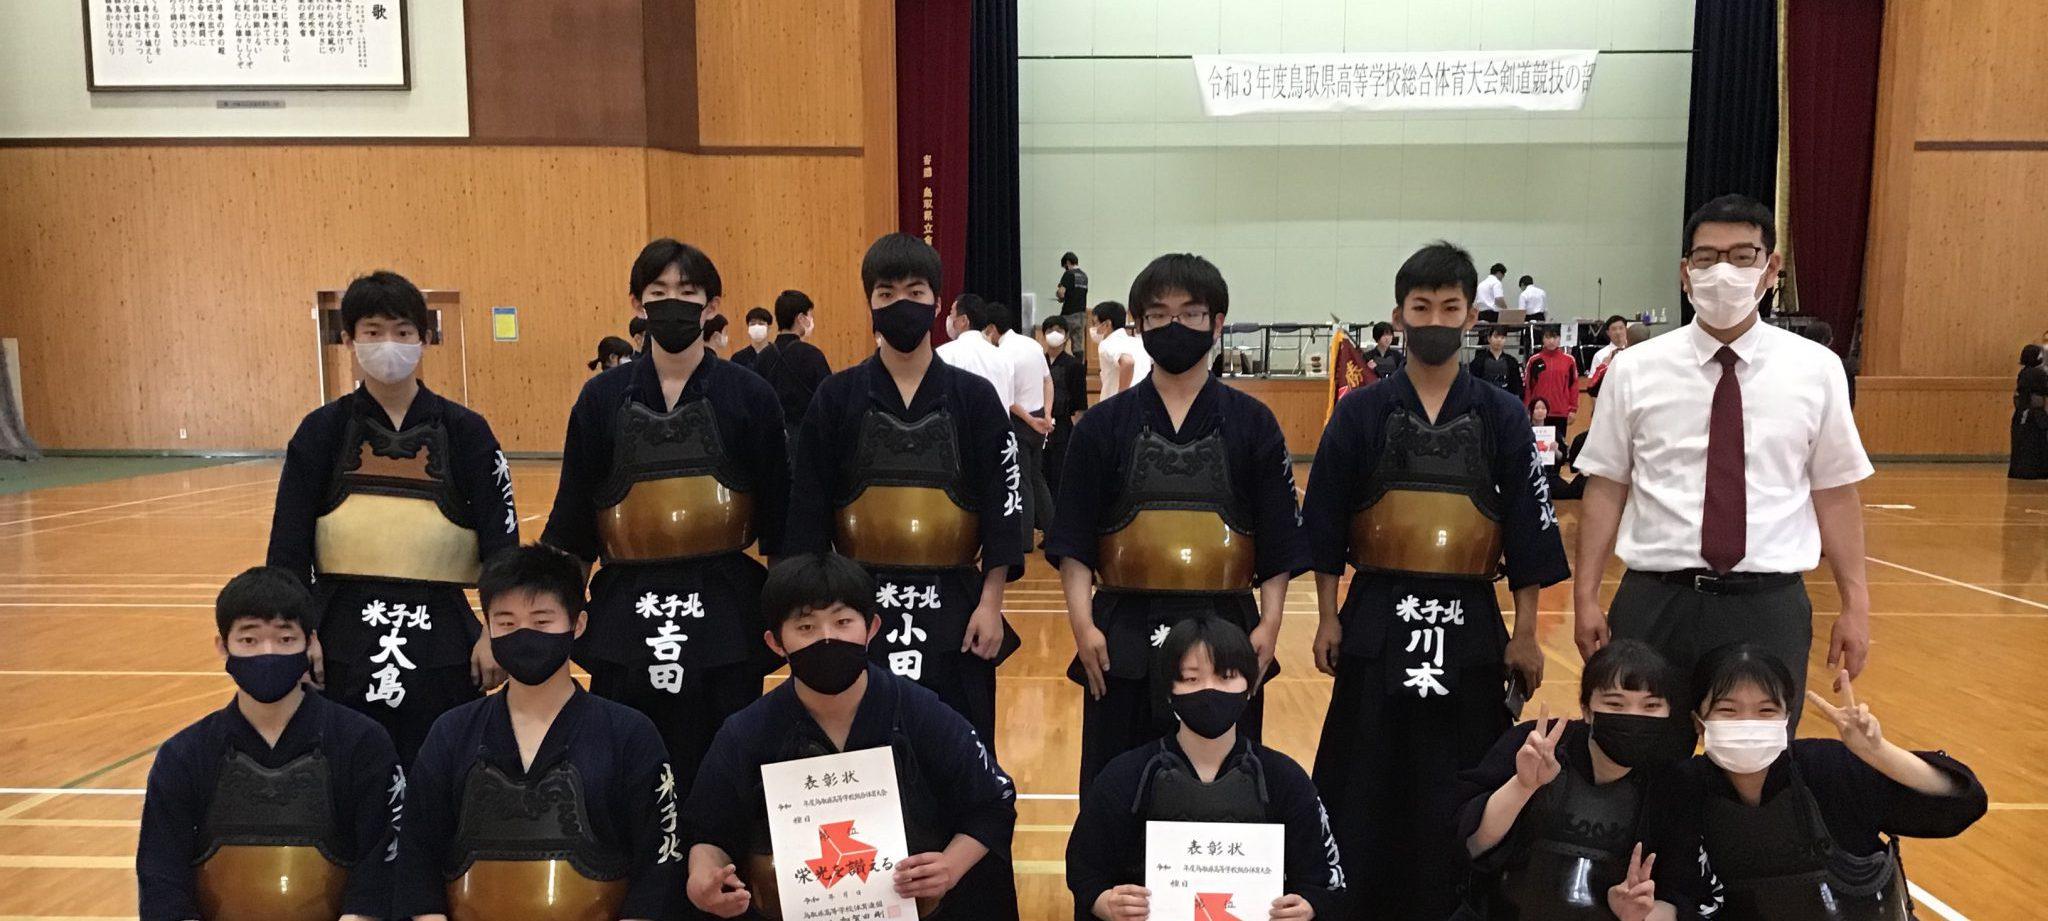 剣道:令和3年度の戦績